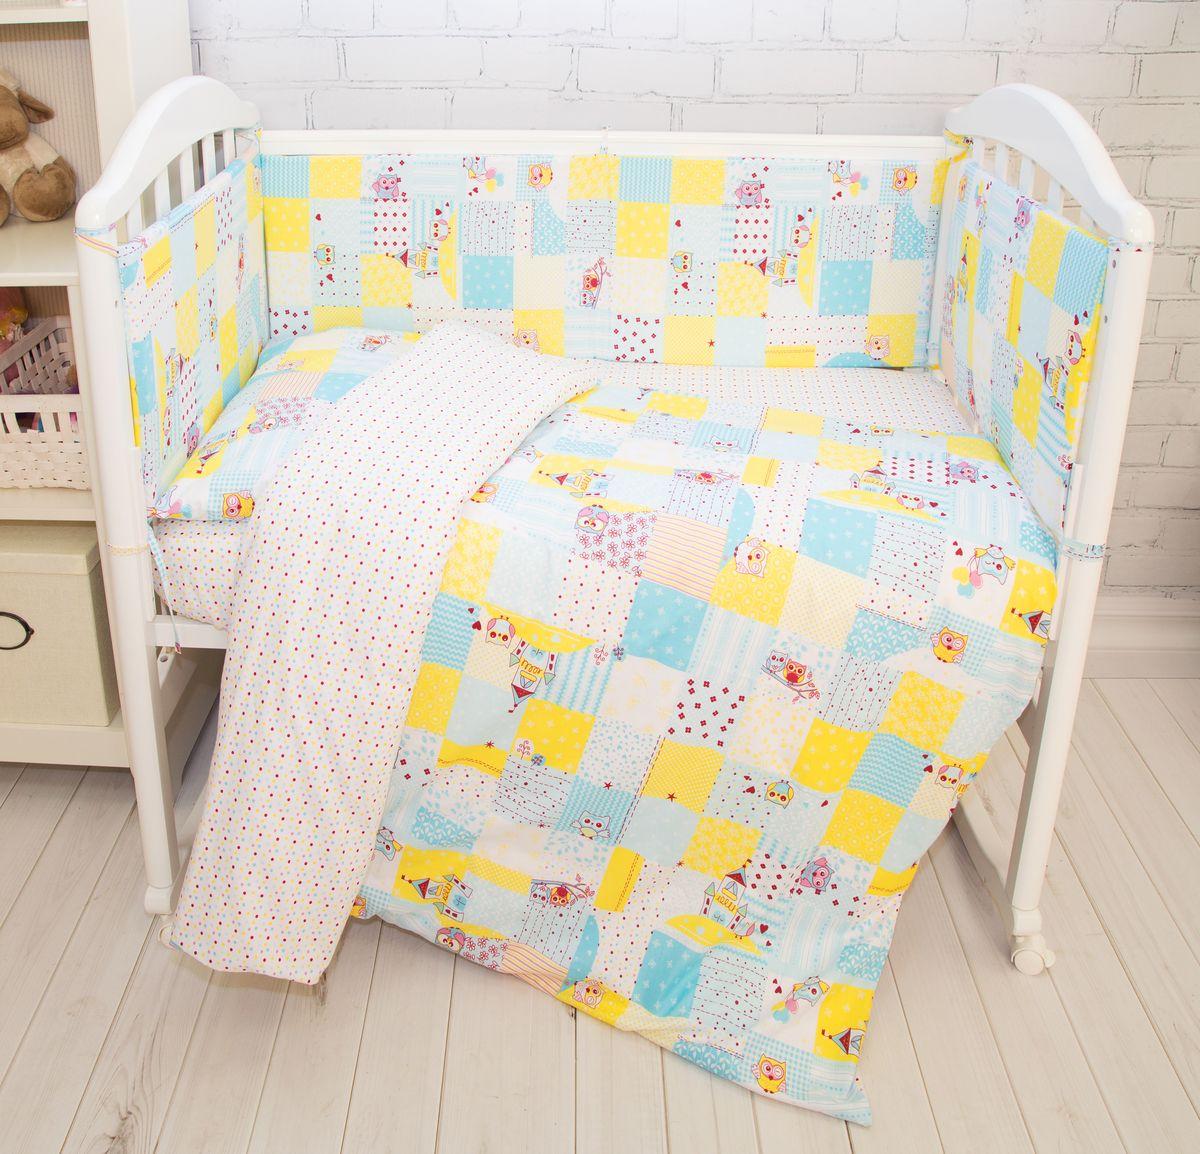 Споки Ноки Комплект постельного белья детский Совы цвет голубой